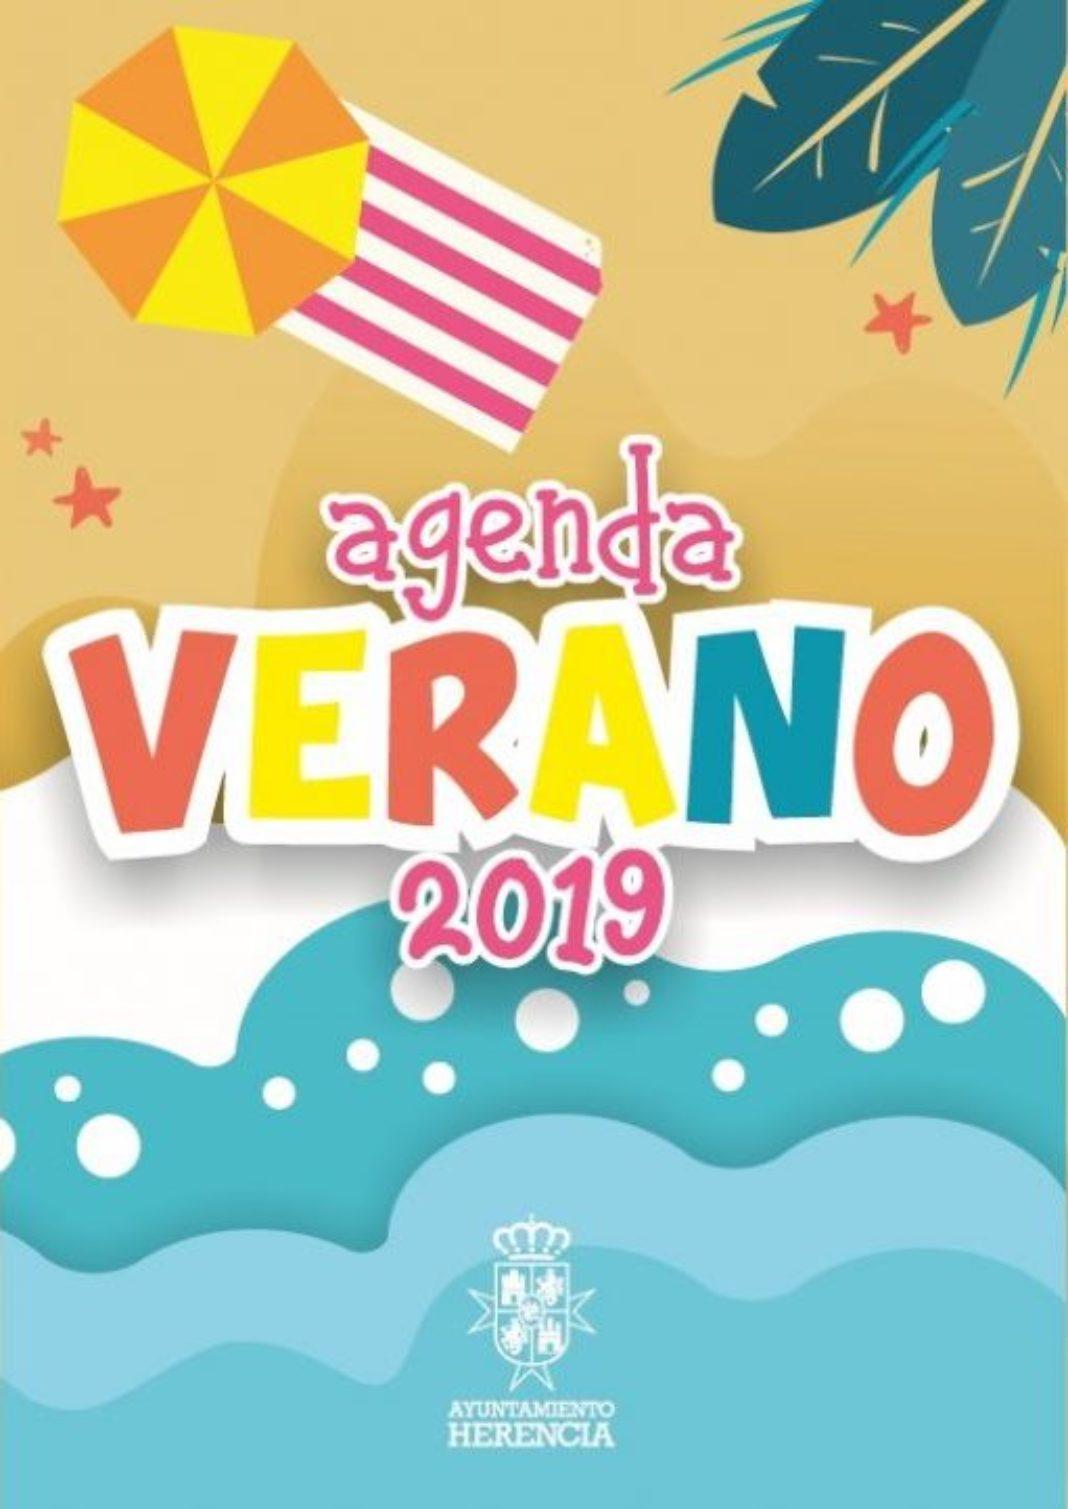 Agenda de verano Herencia 2019 1068x1509 - Más de treinta citas culturales de acceso libre para disfrutar del verano en Herencia